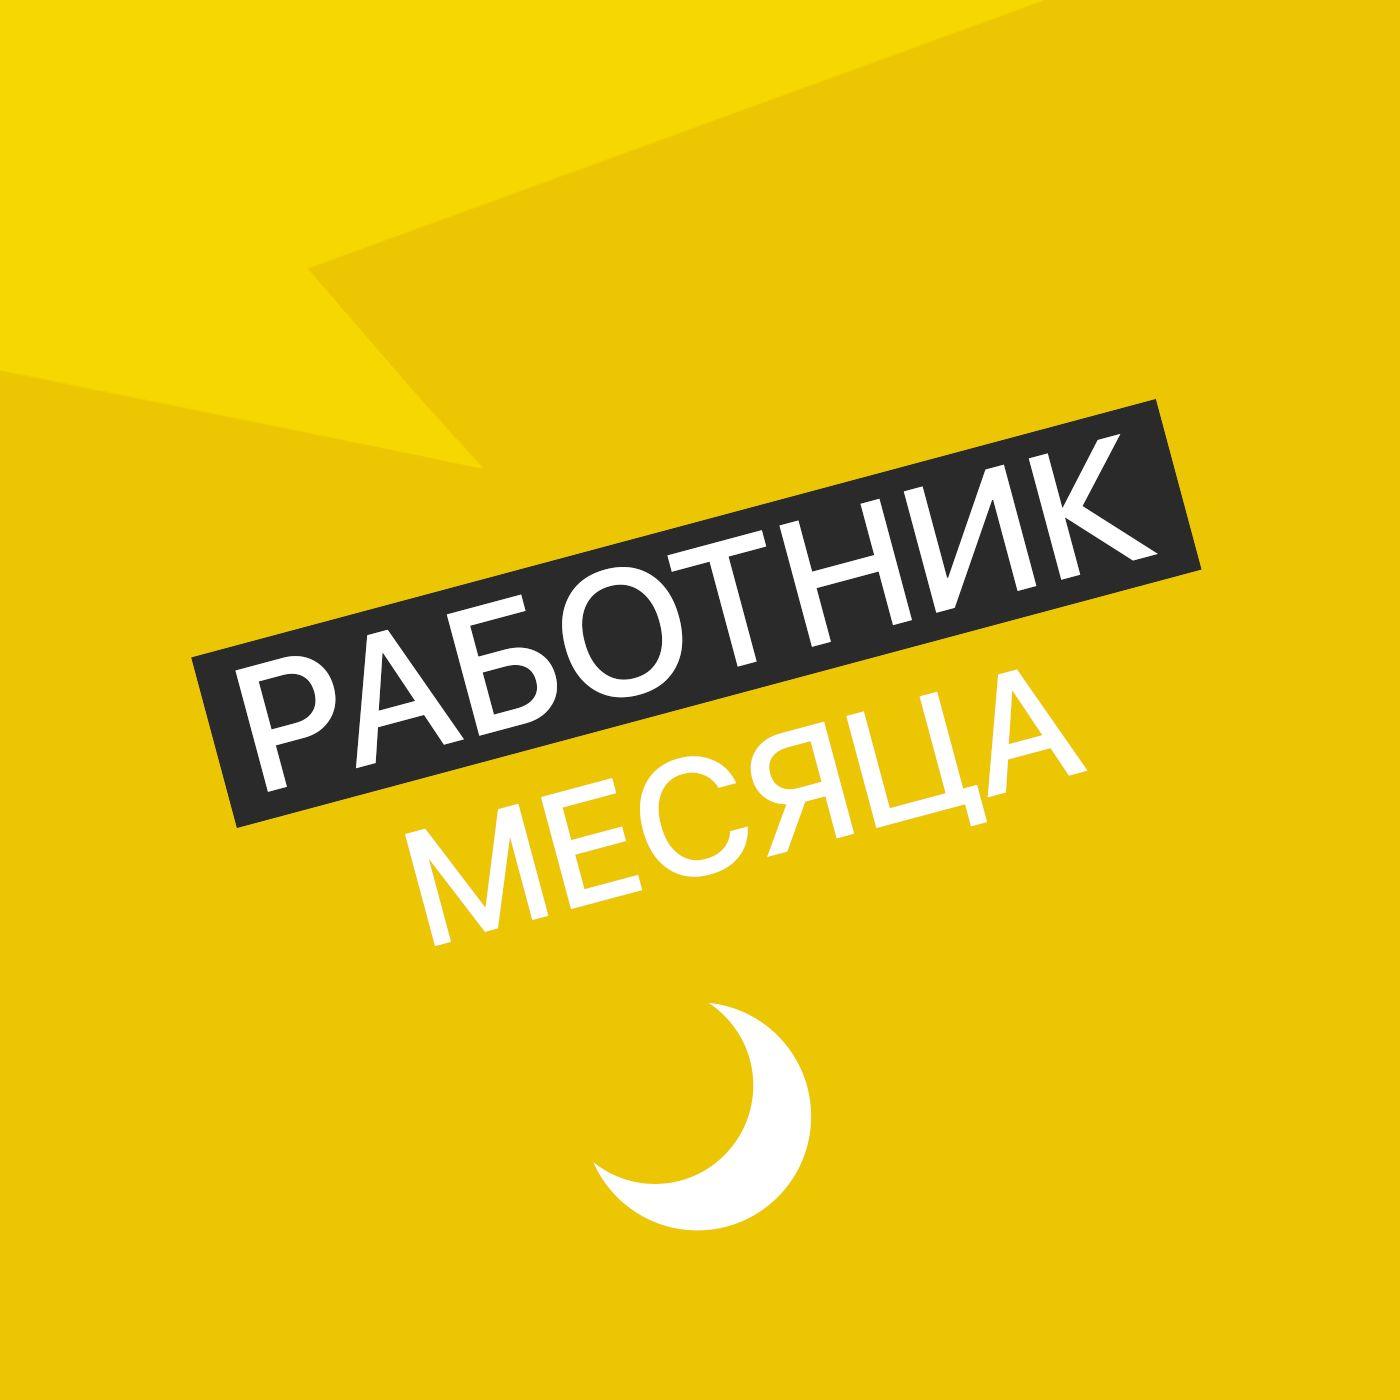 Творческий коллектив Mojomedia Ихтиолог творческий коллектив mojomedia владелец квесткомнаты